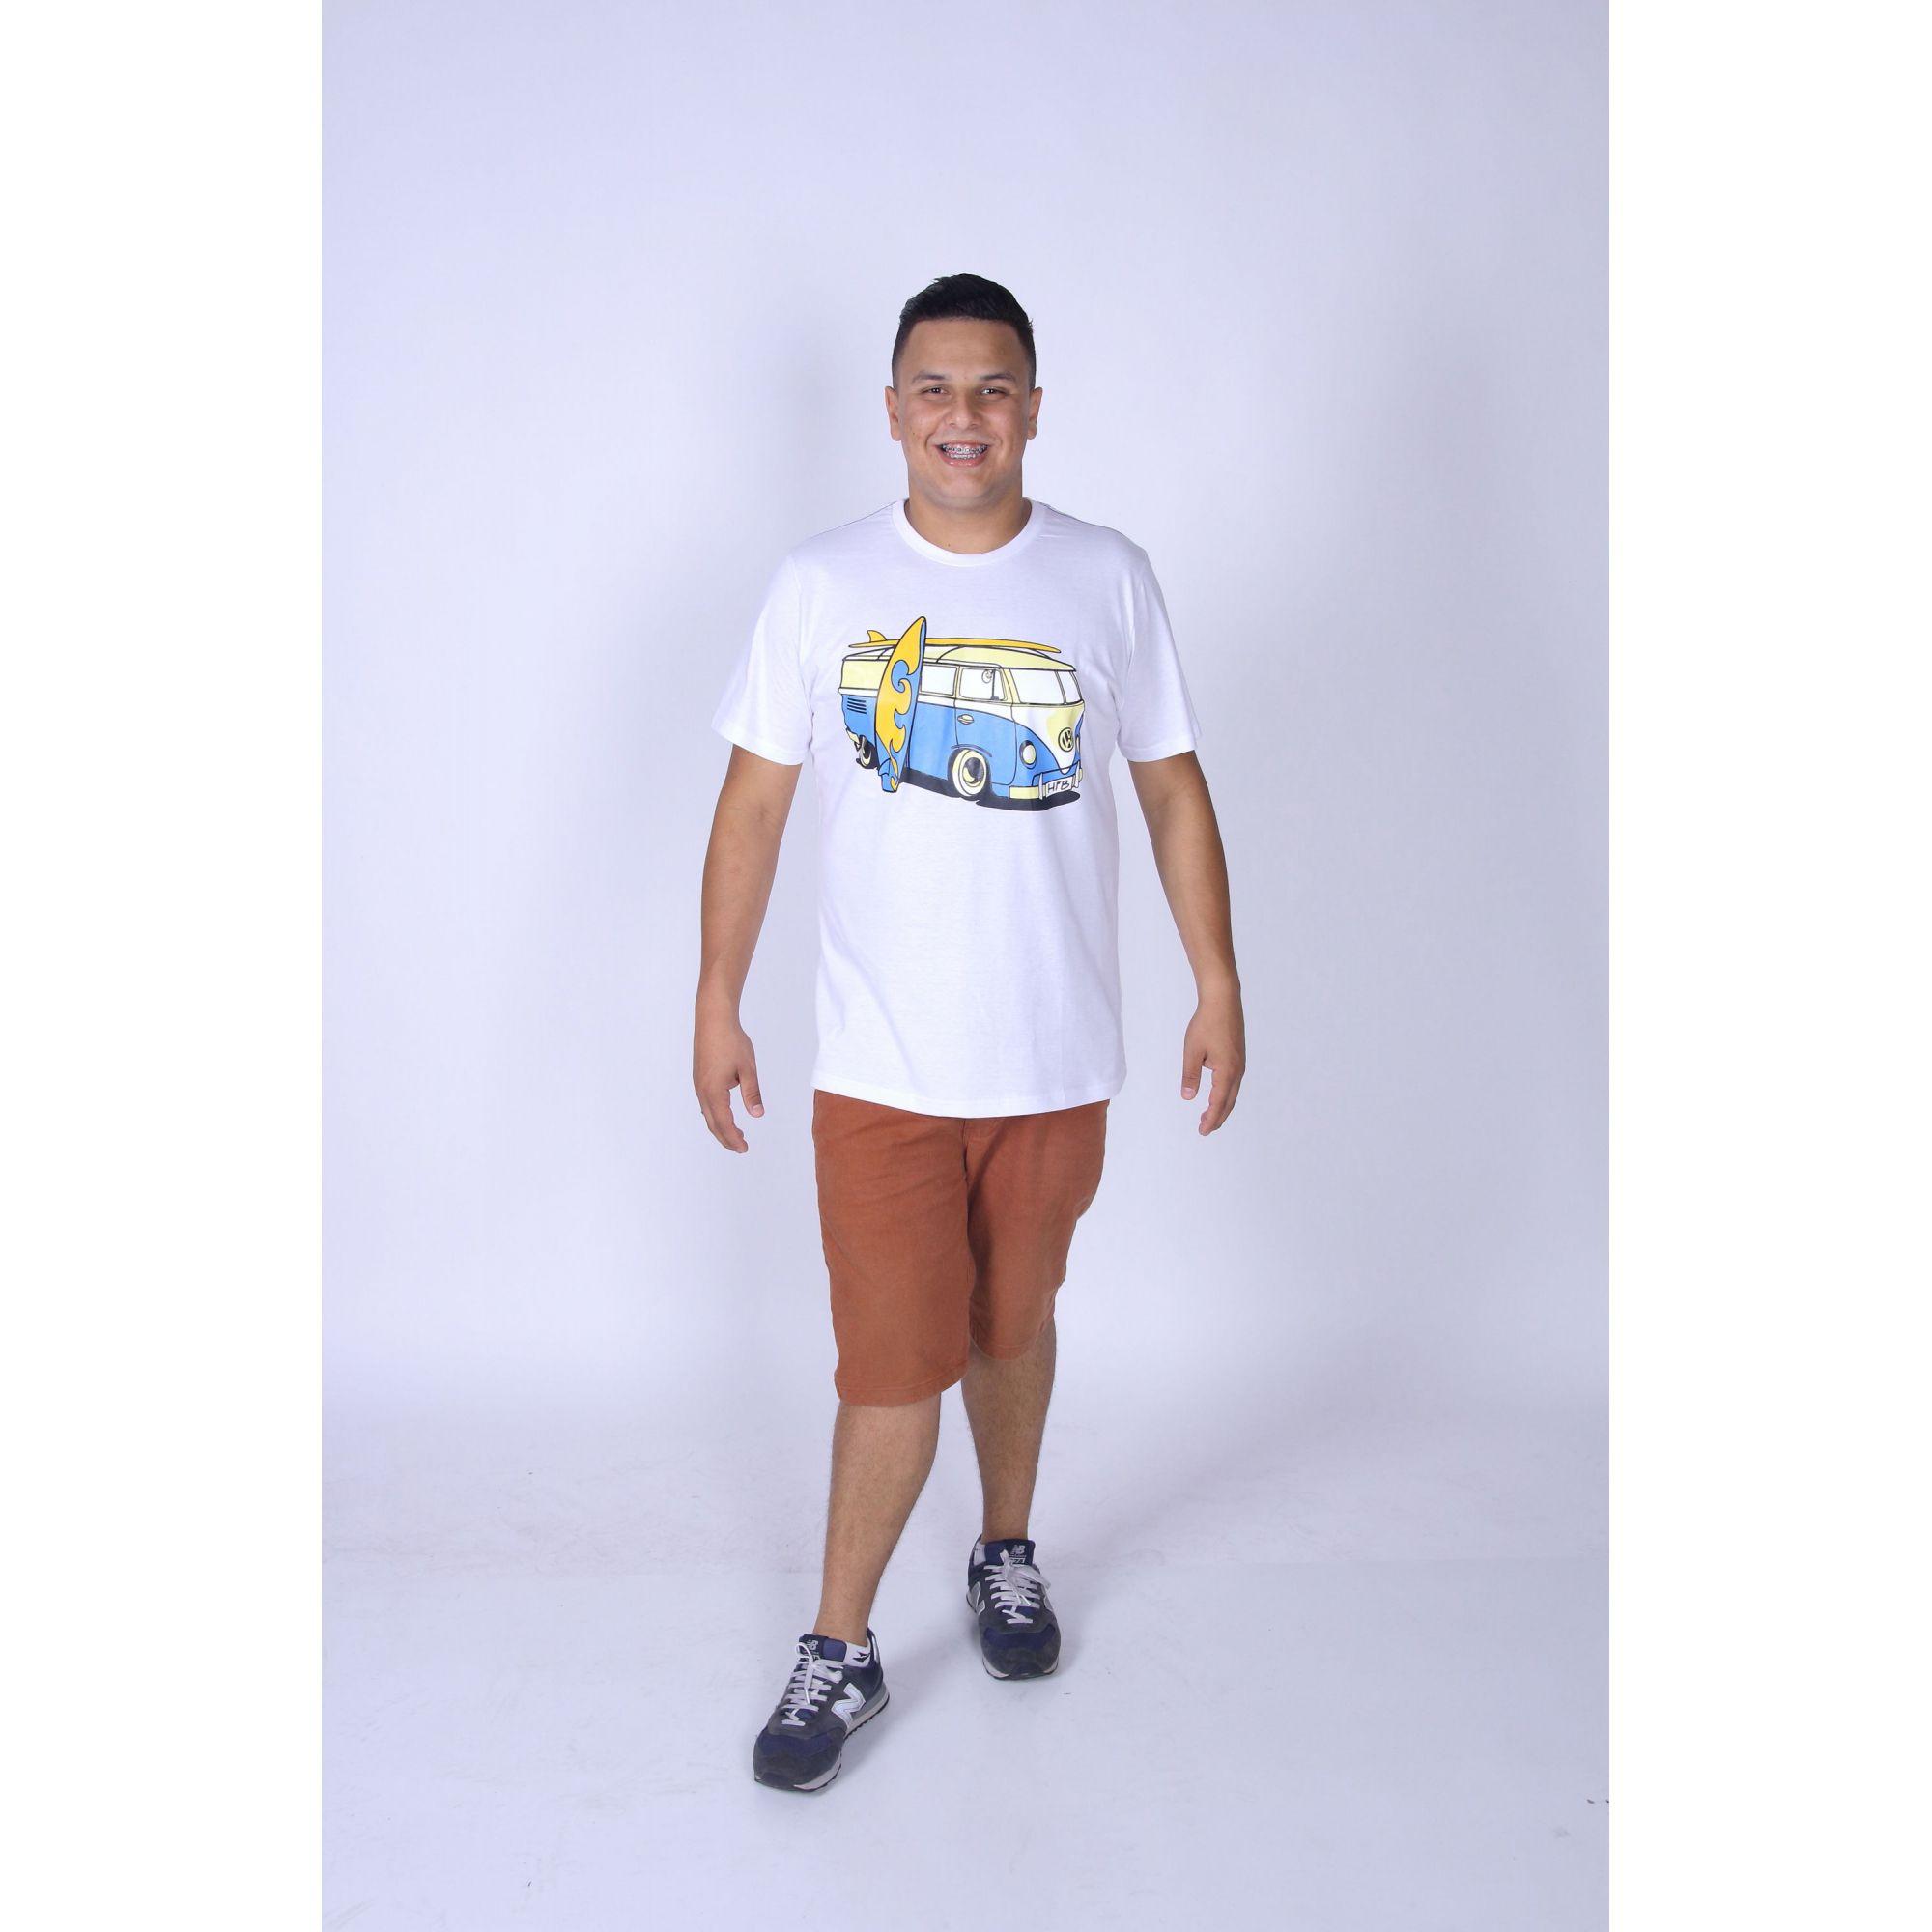 PAI E FILHO > Kit com 02 Camisetas Brancas com Estampa de Kombi [Coleção Tal Pai Tal Filho]  - Heitor Fashion Brazil